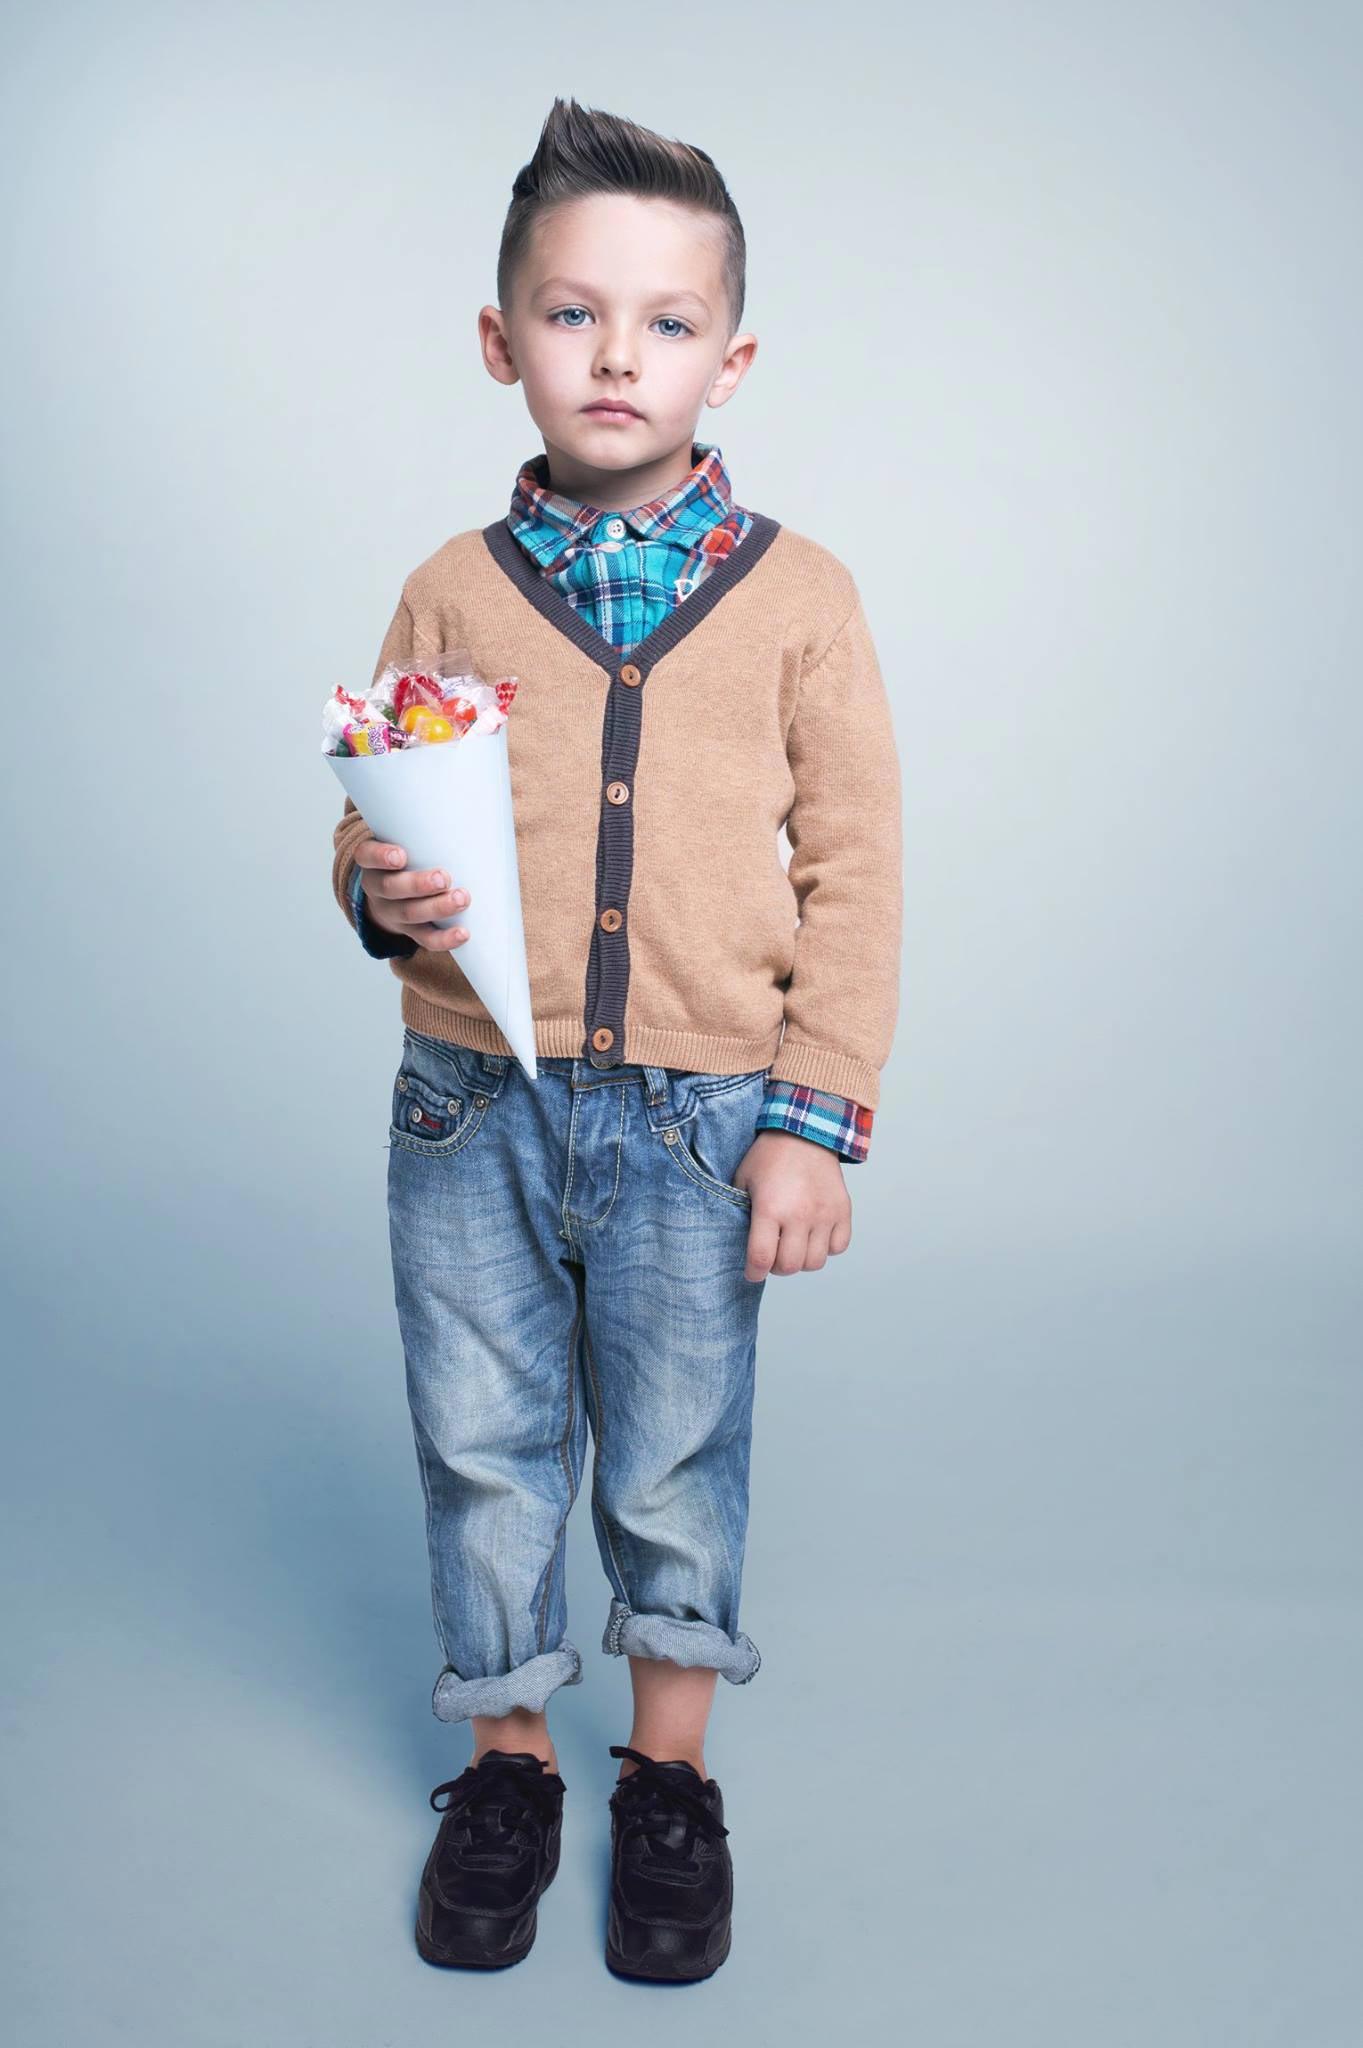 Chlapčenský krátky účes s výrazným stylingom inšpirovaným pánskymi kolekciami účesov. Účes pre chlapcov je z kolekcie Terezy Novej Nativity pre Bomton.